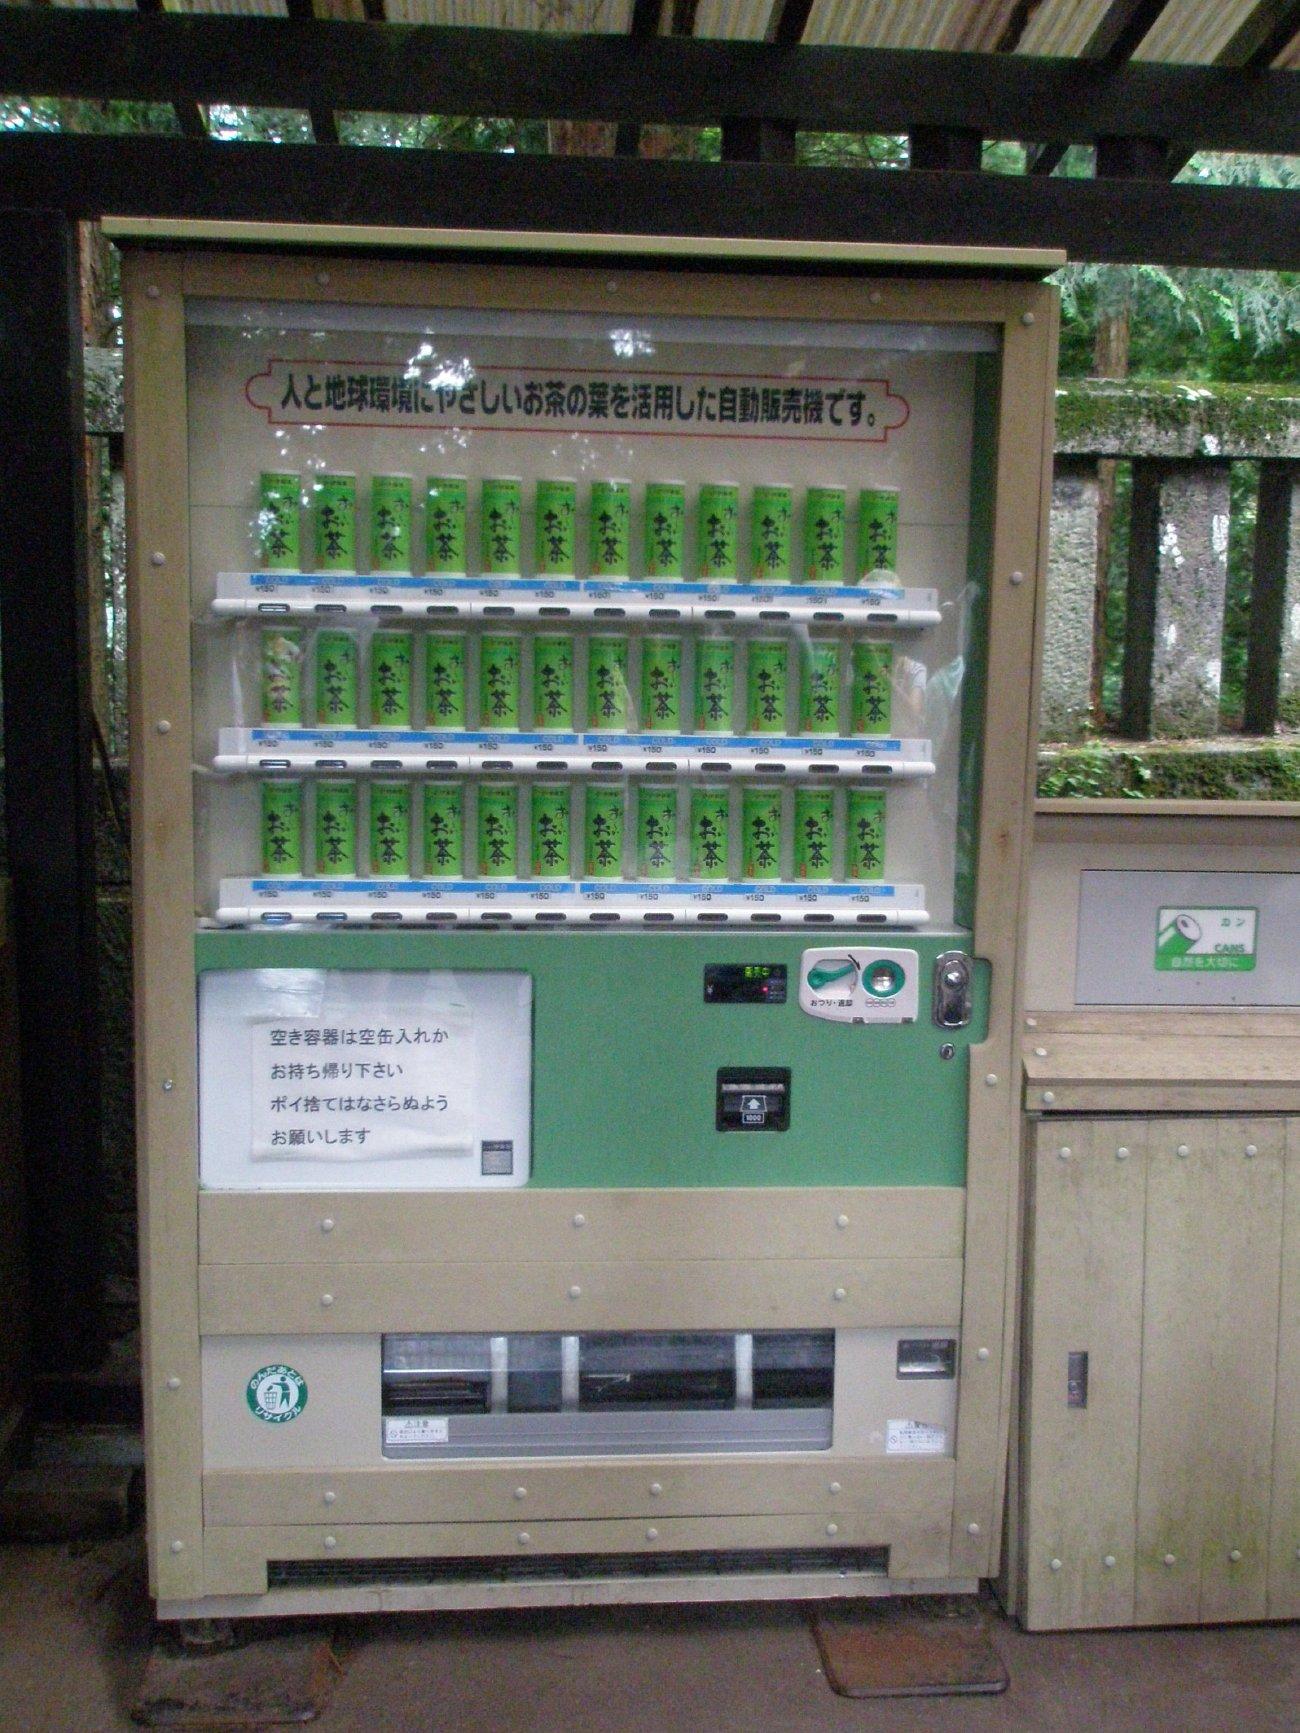 ماكينة مخصصة لبيع منتجات الشاي الأخضر فقط